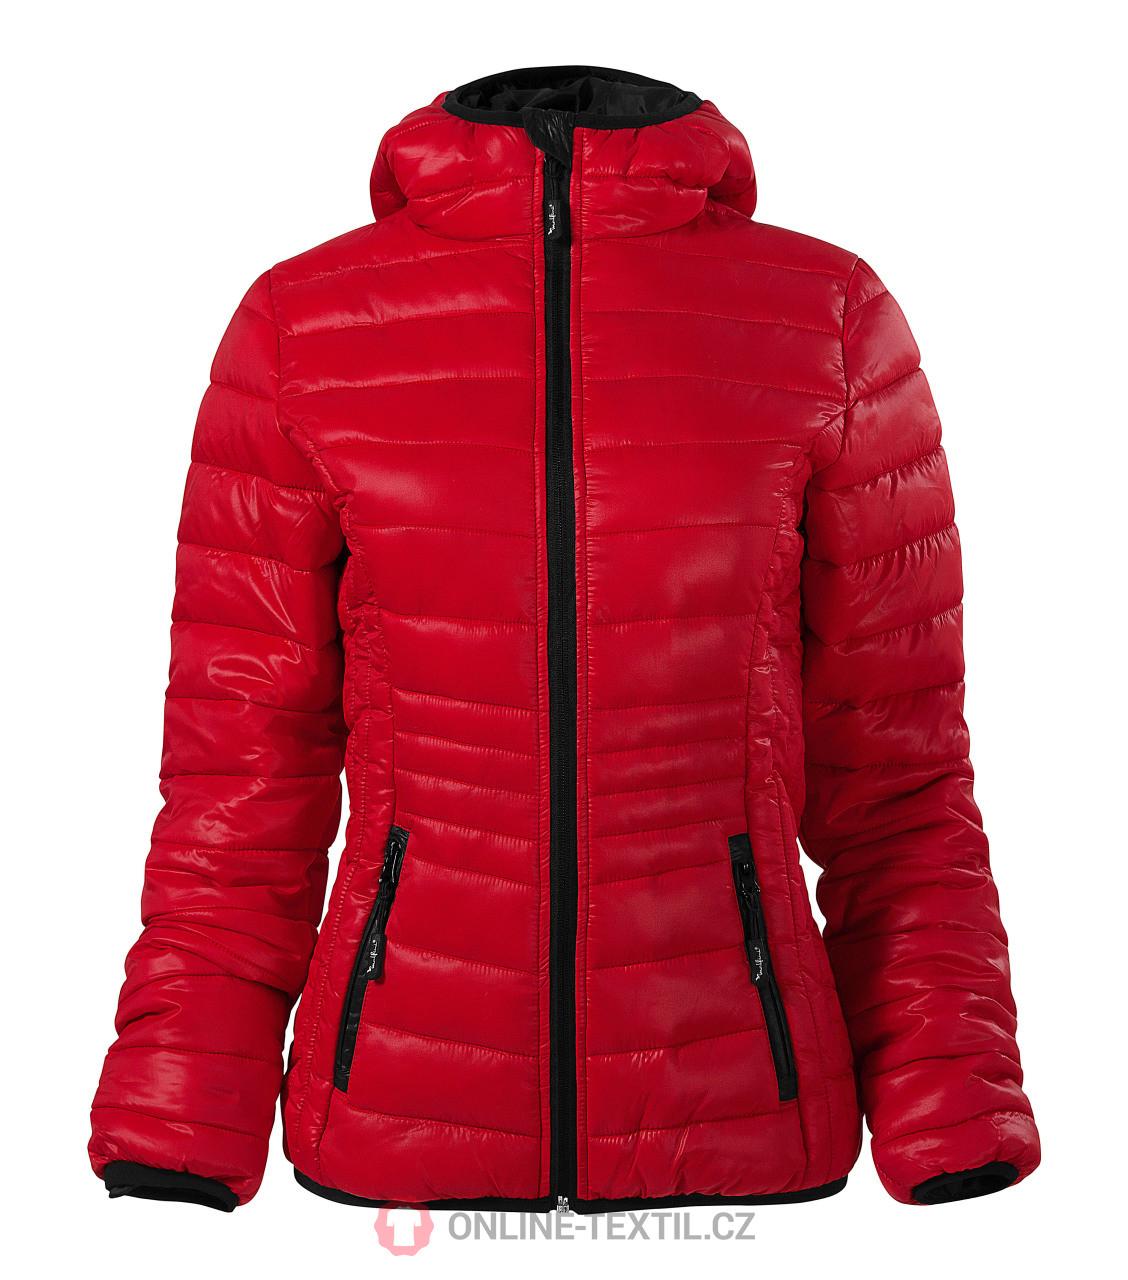 3ca8cd5fb Prémiová dámska prešívaná bunda Everest; Prémiová dámska prešívaná bunda  Everest ...